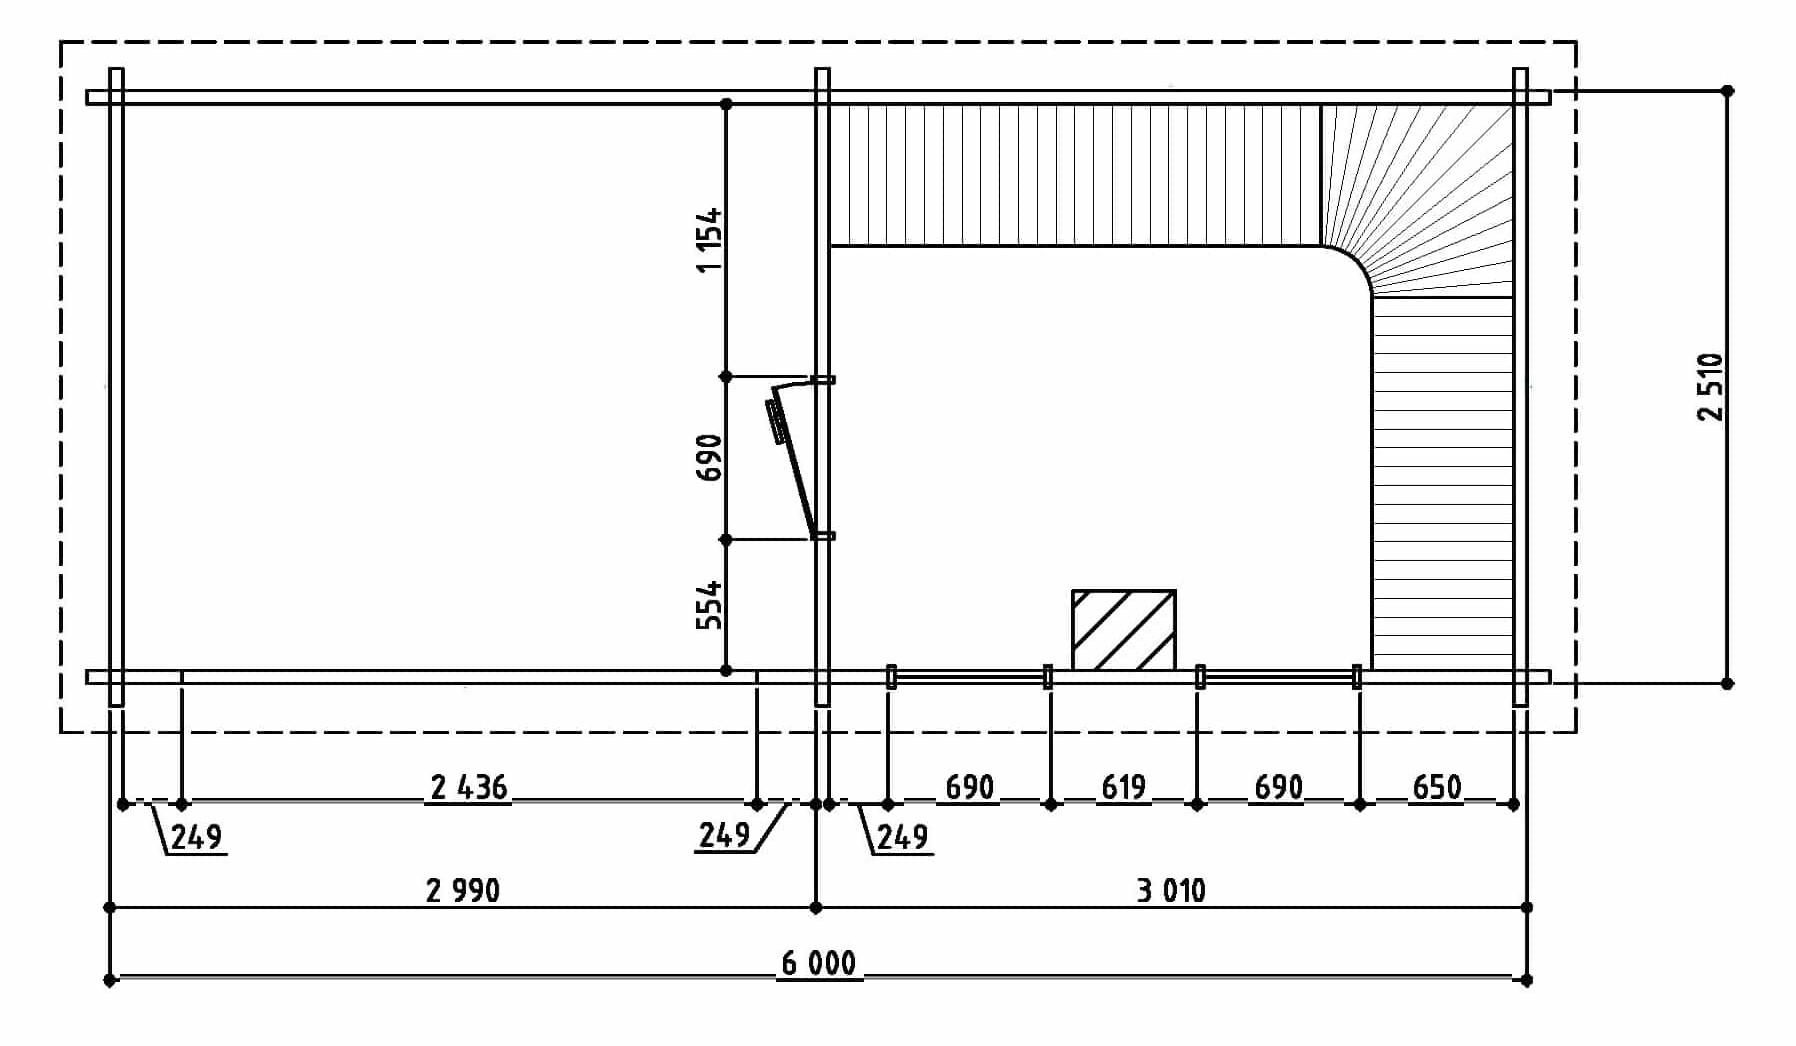 Keops Hedda sauna floor plan